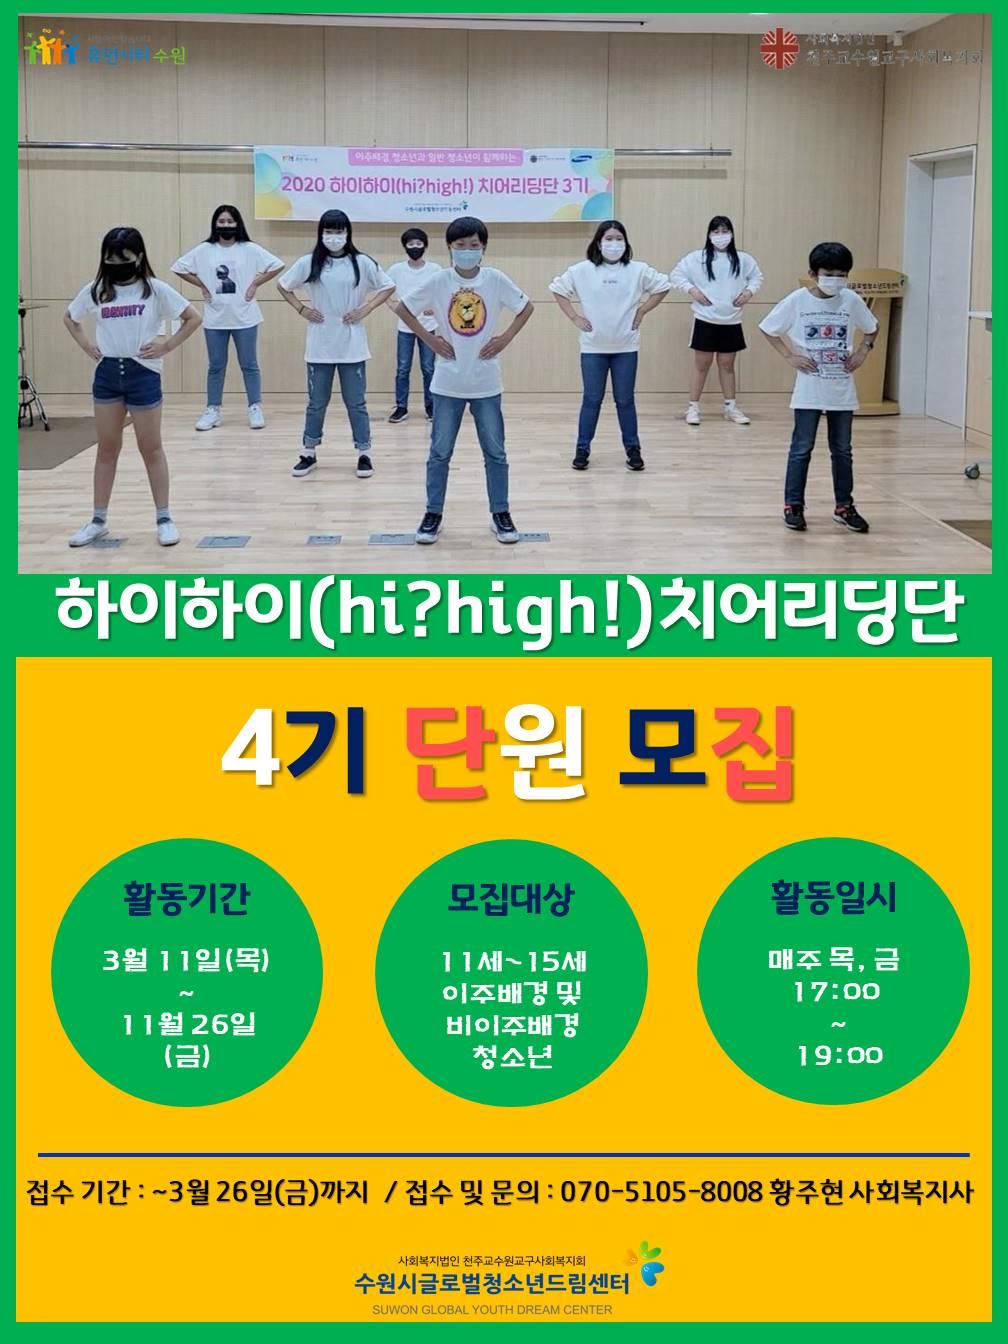 2021 하이하이(Hi?High!) 치어리딩단 참여자 모집